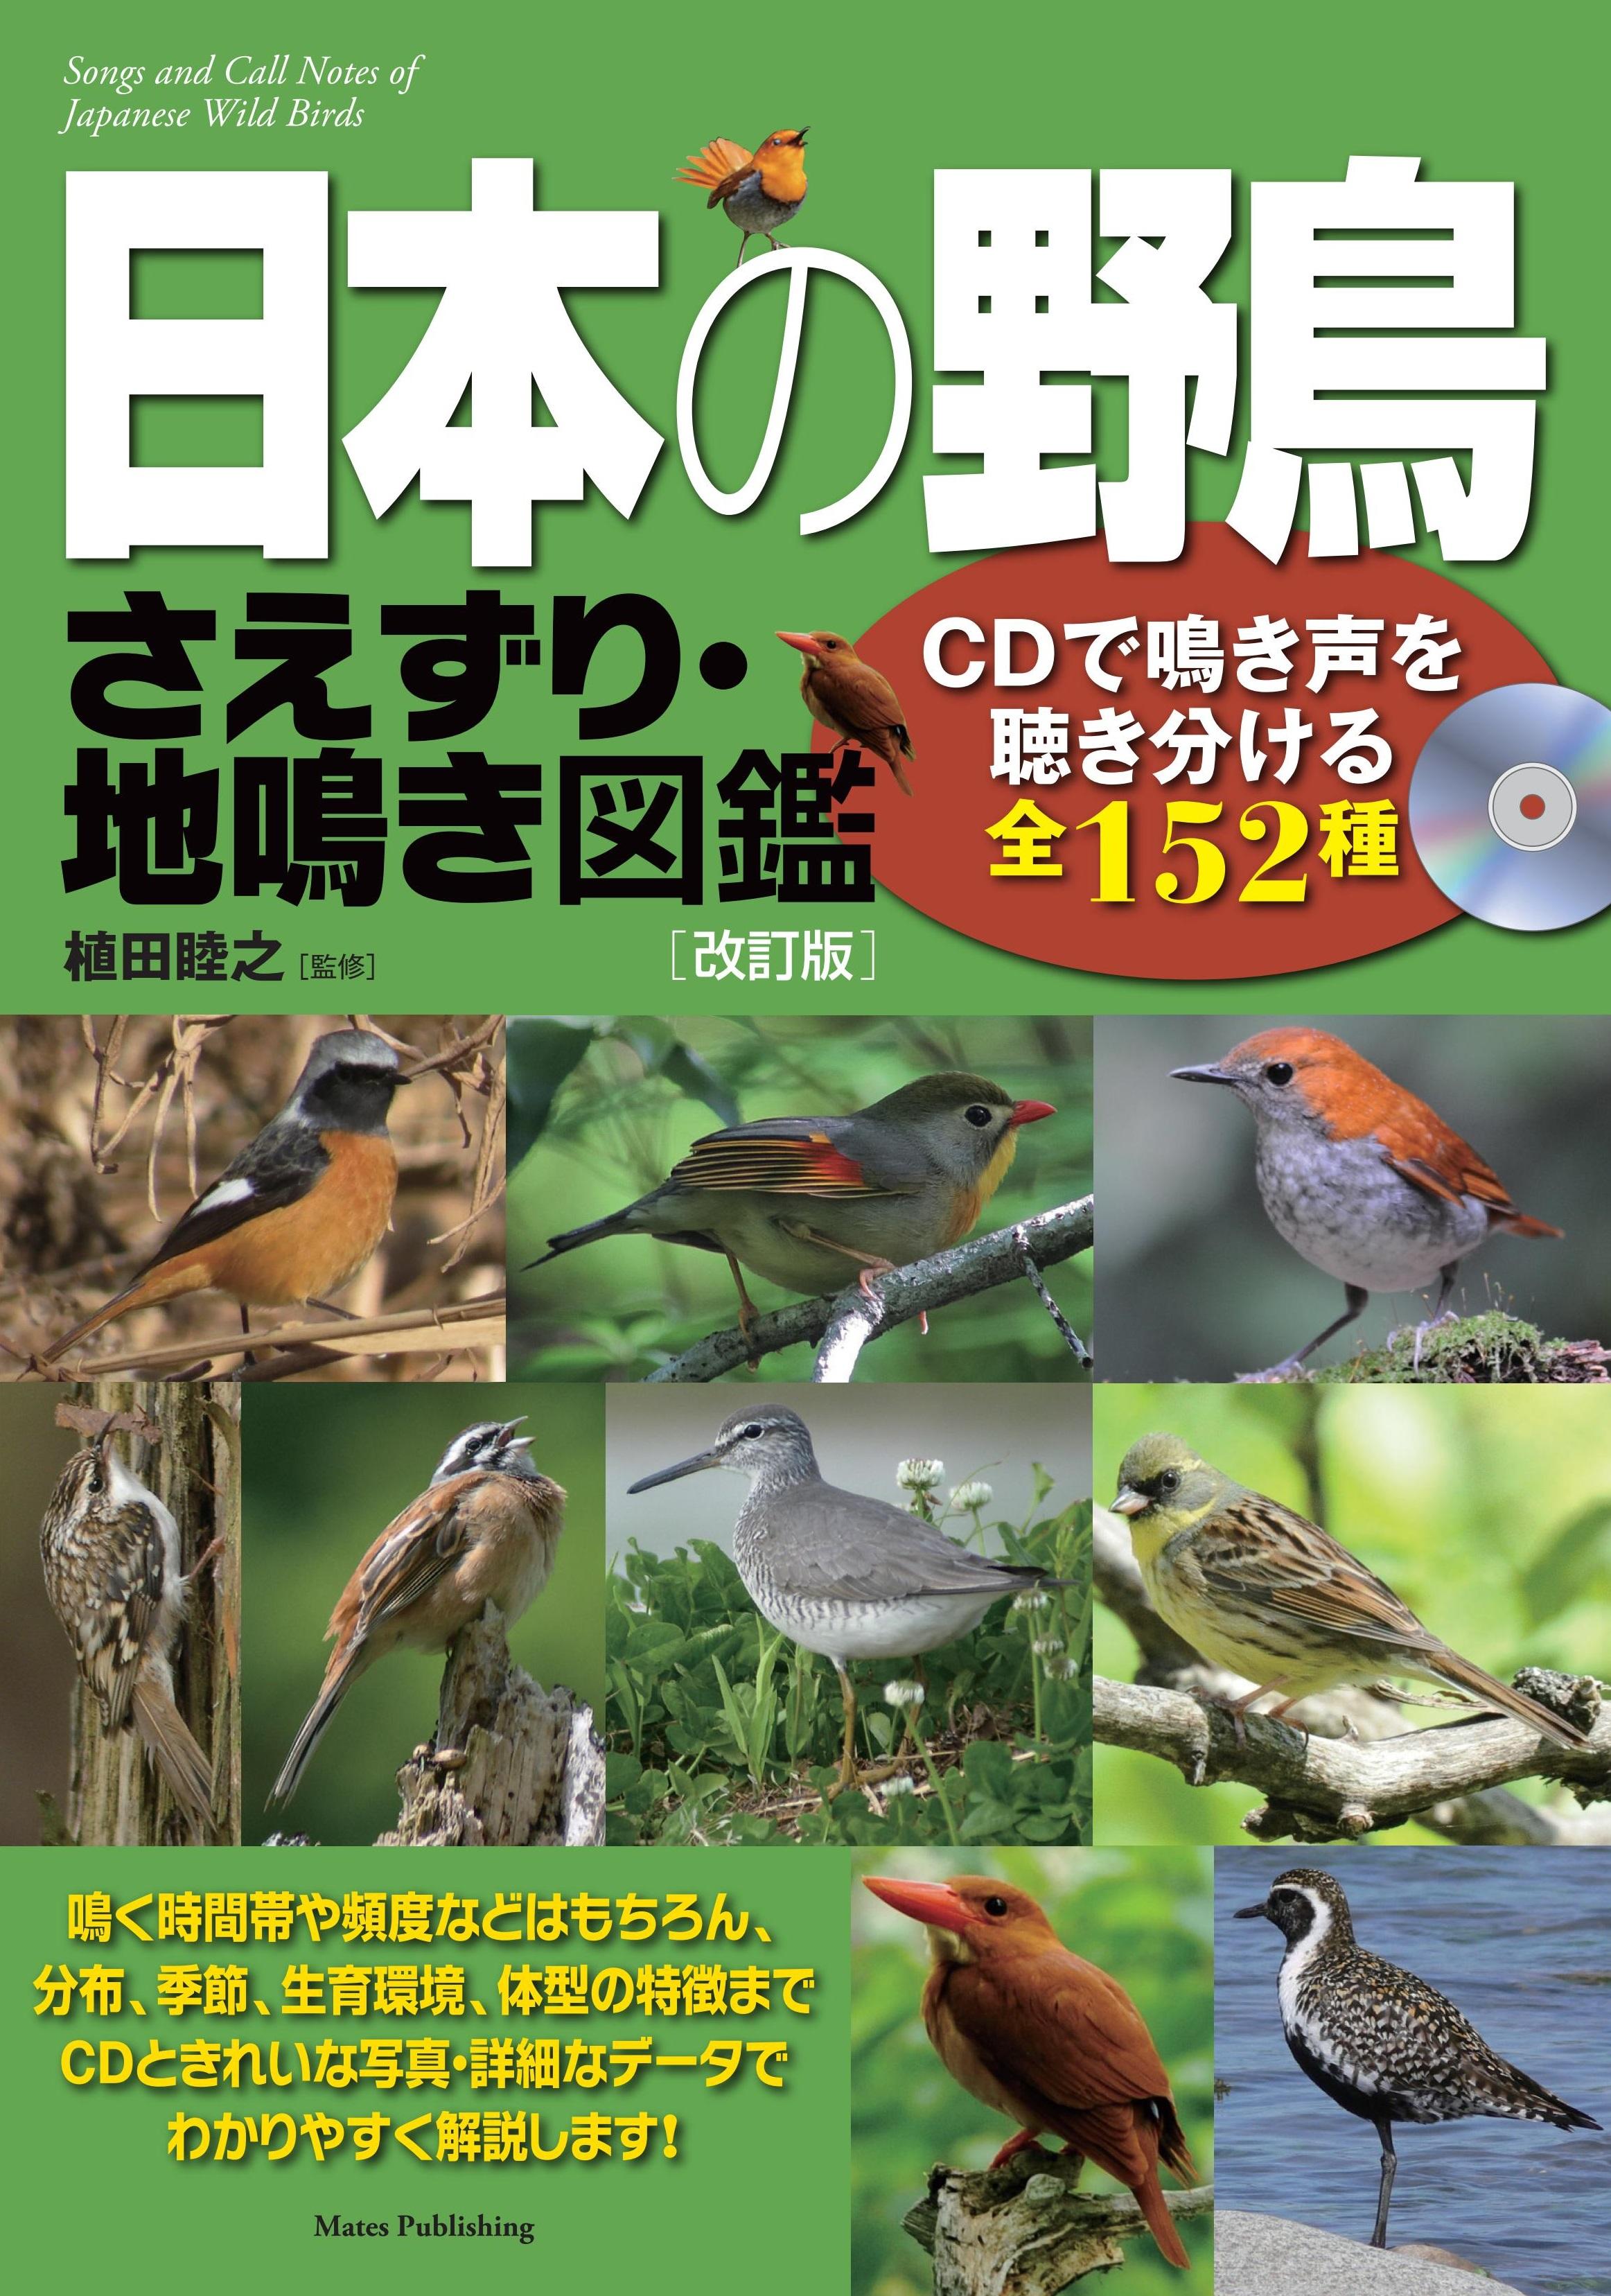 日本の野鳥 さえずり・地鳴き図鑑 ~CDで鳴き声を聴き分ける 全152種~